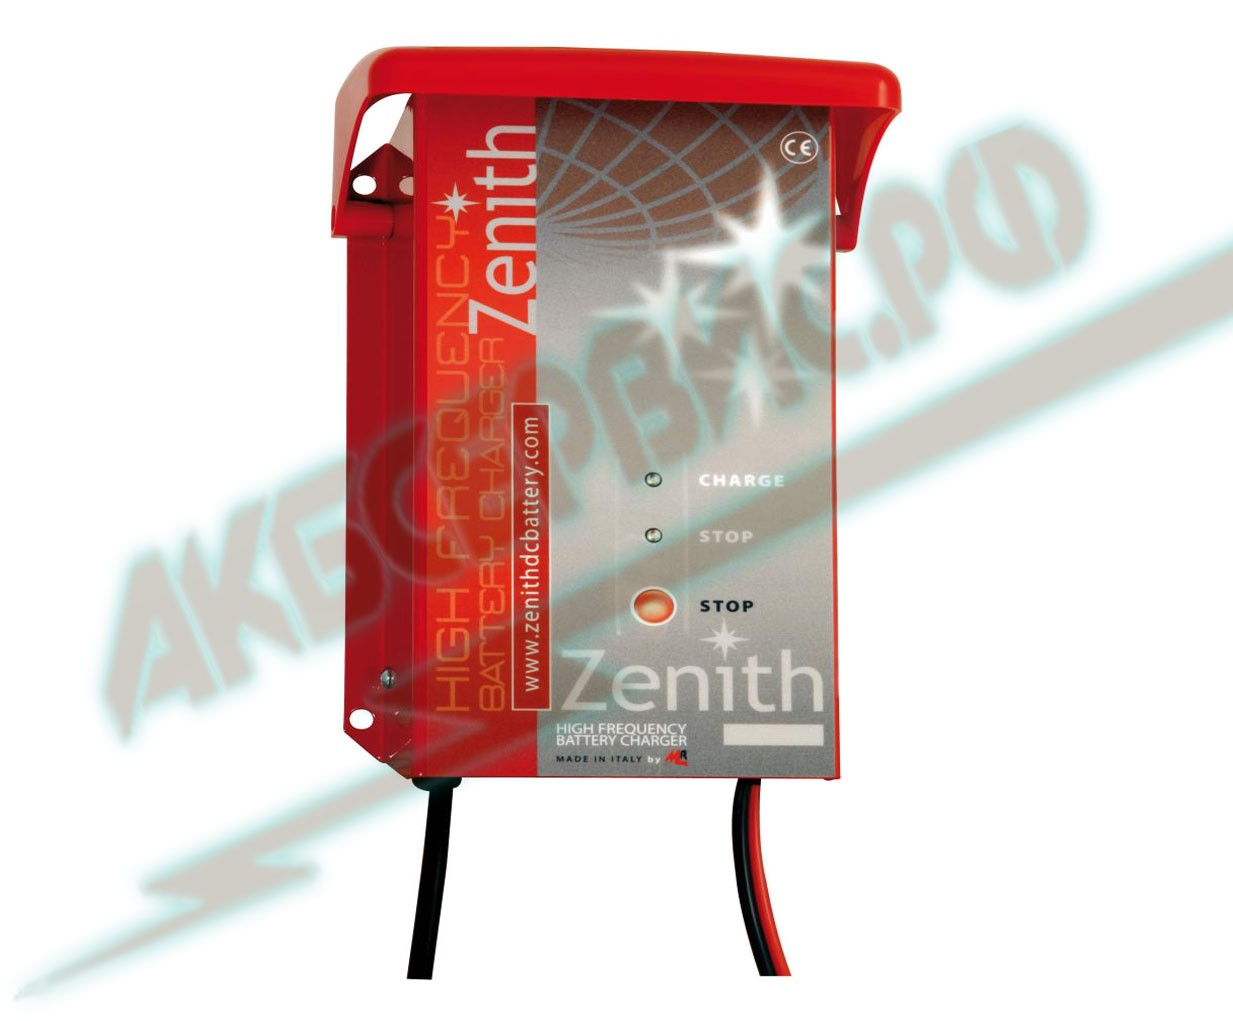 Акбсервис.РФ | Зарядное устройство - Zenith 8420